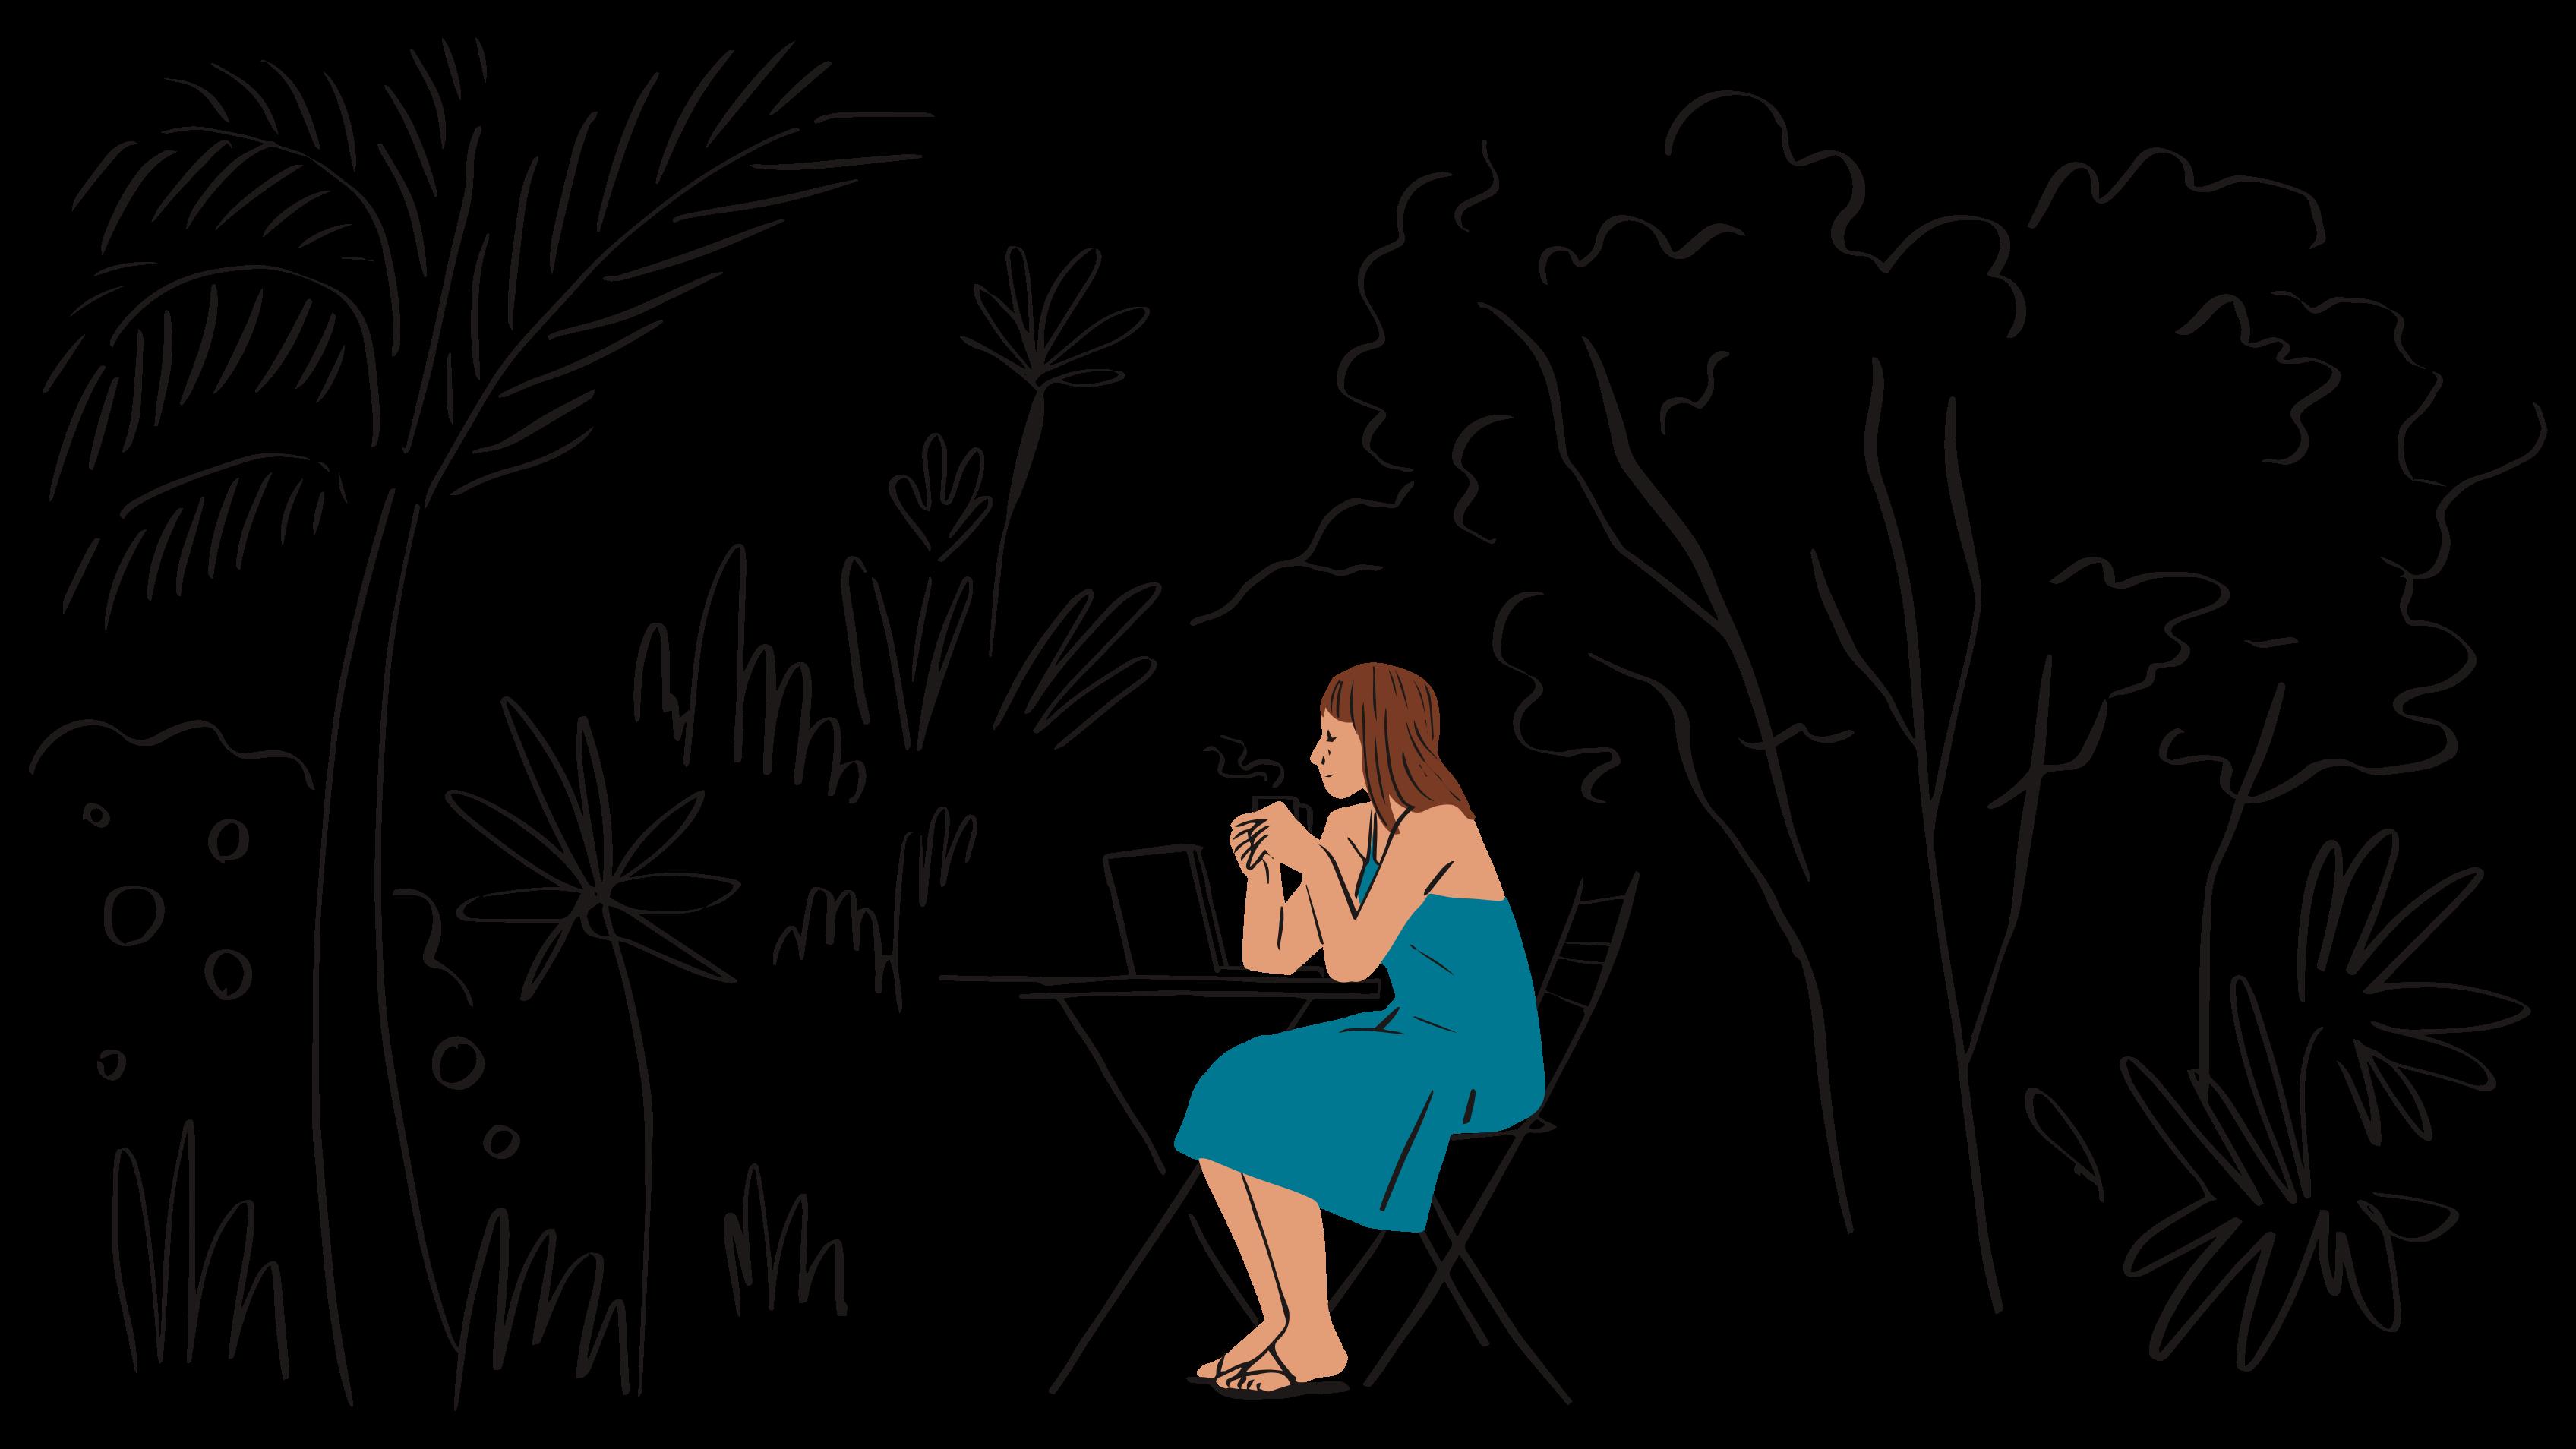 Ilustración de una mujer sentada afuera en una mesa tomando café.